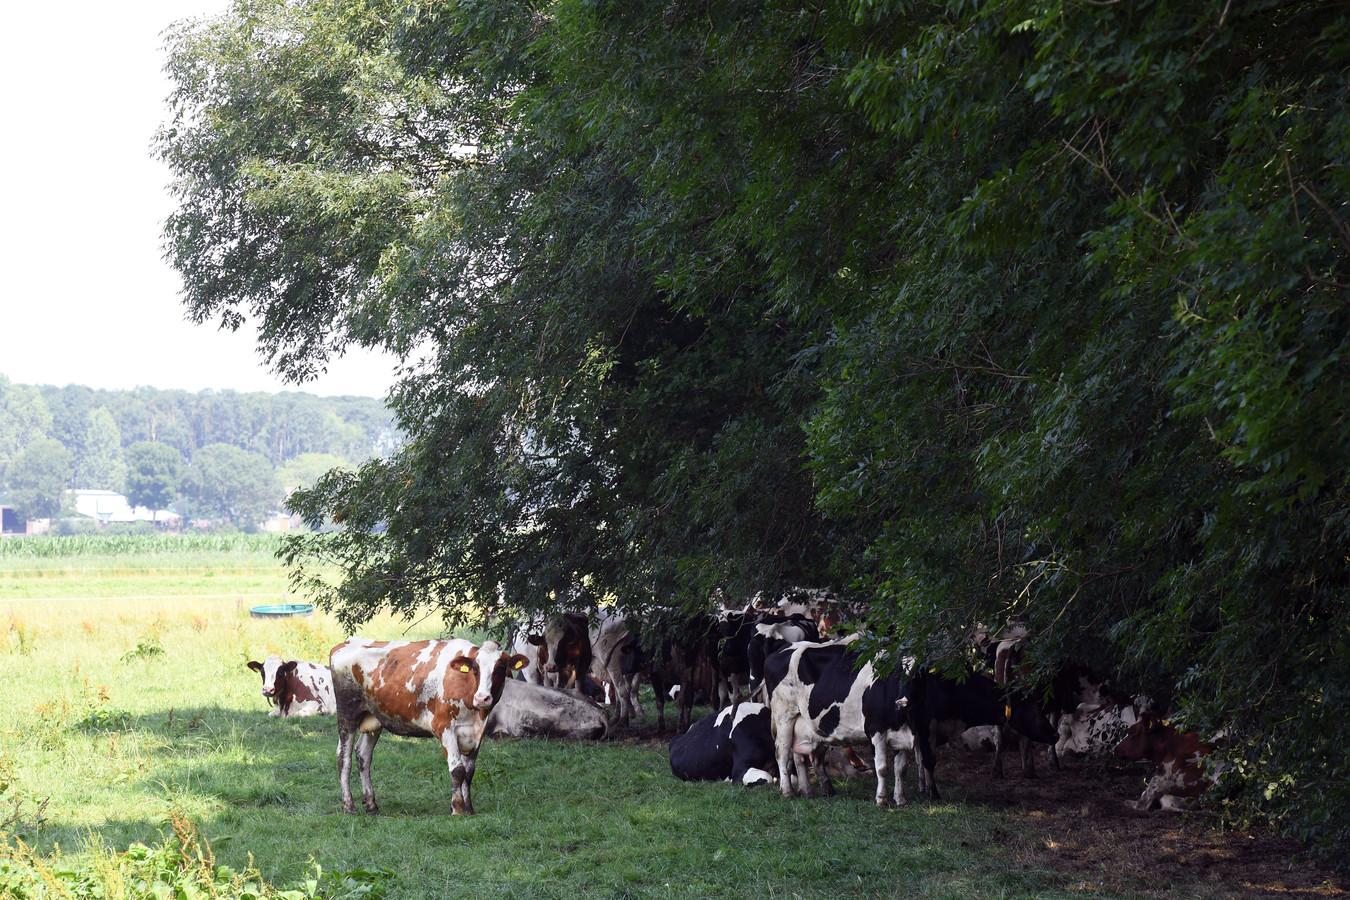 Rondom natuurgebieden kunnen juist koeien in de wei een belangrijke rol spelen, vindt gedeputeerde Rik Grashoff (GroenLinks).